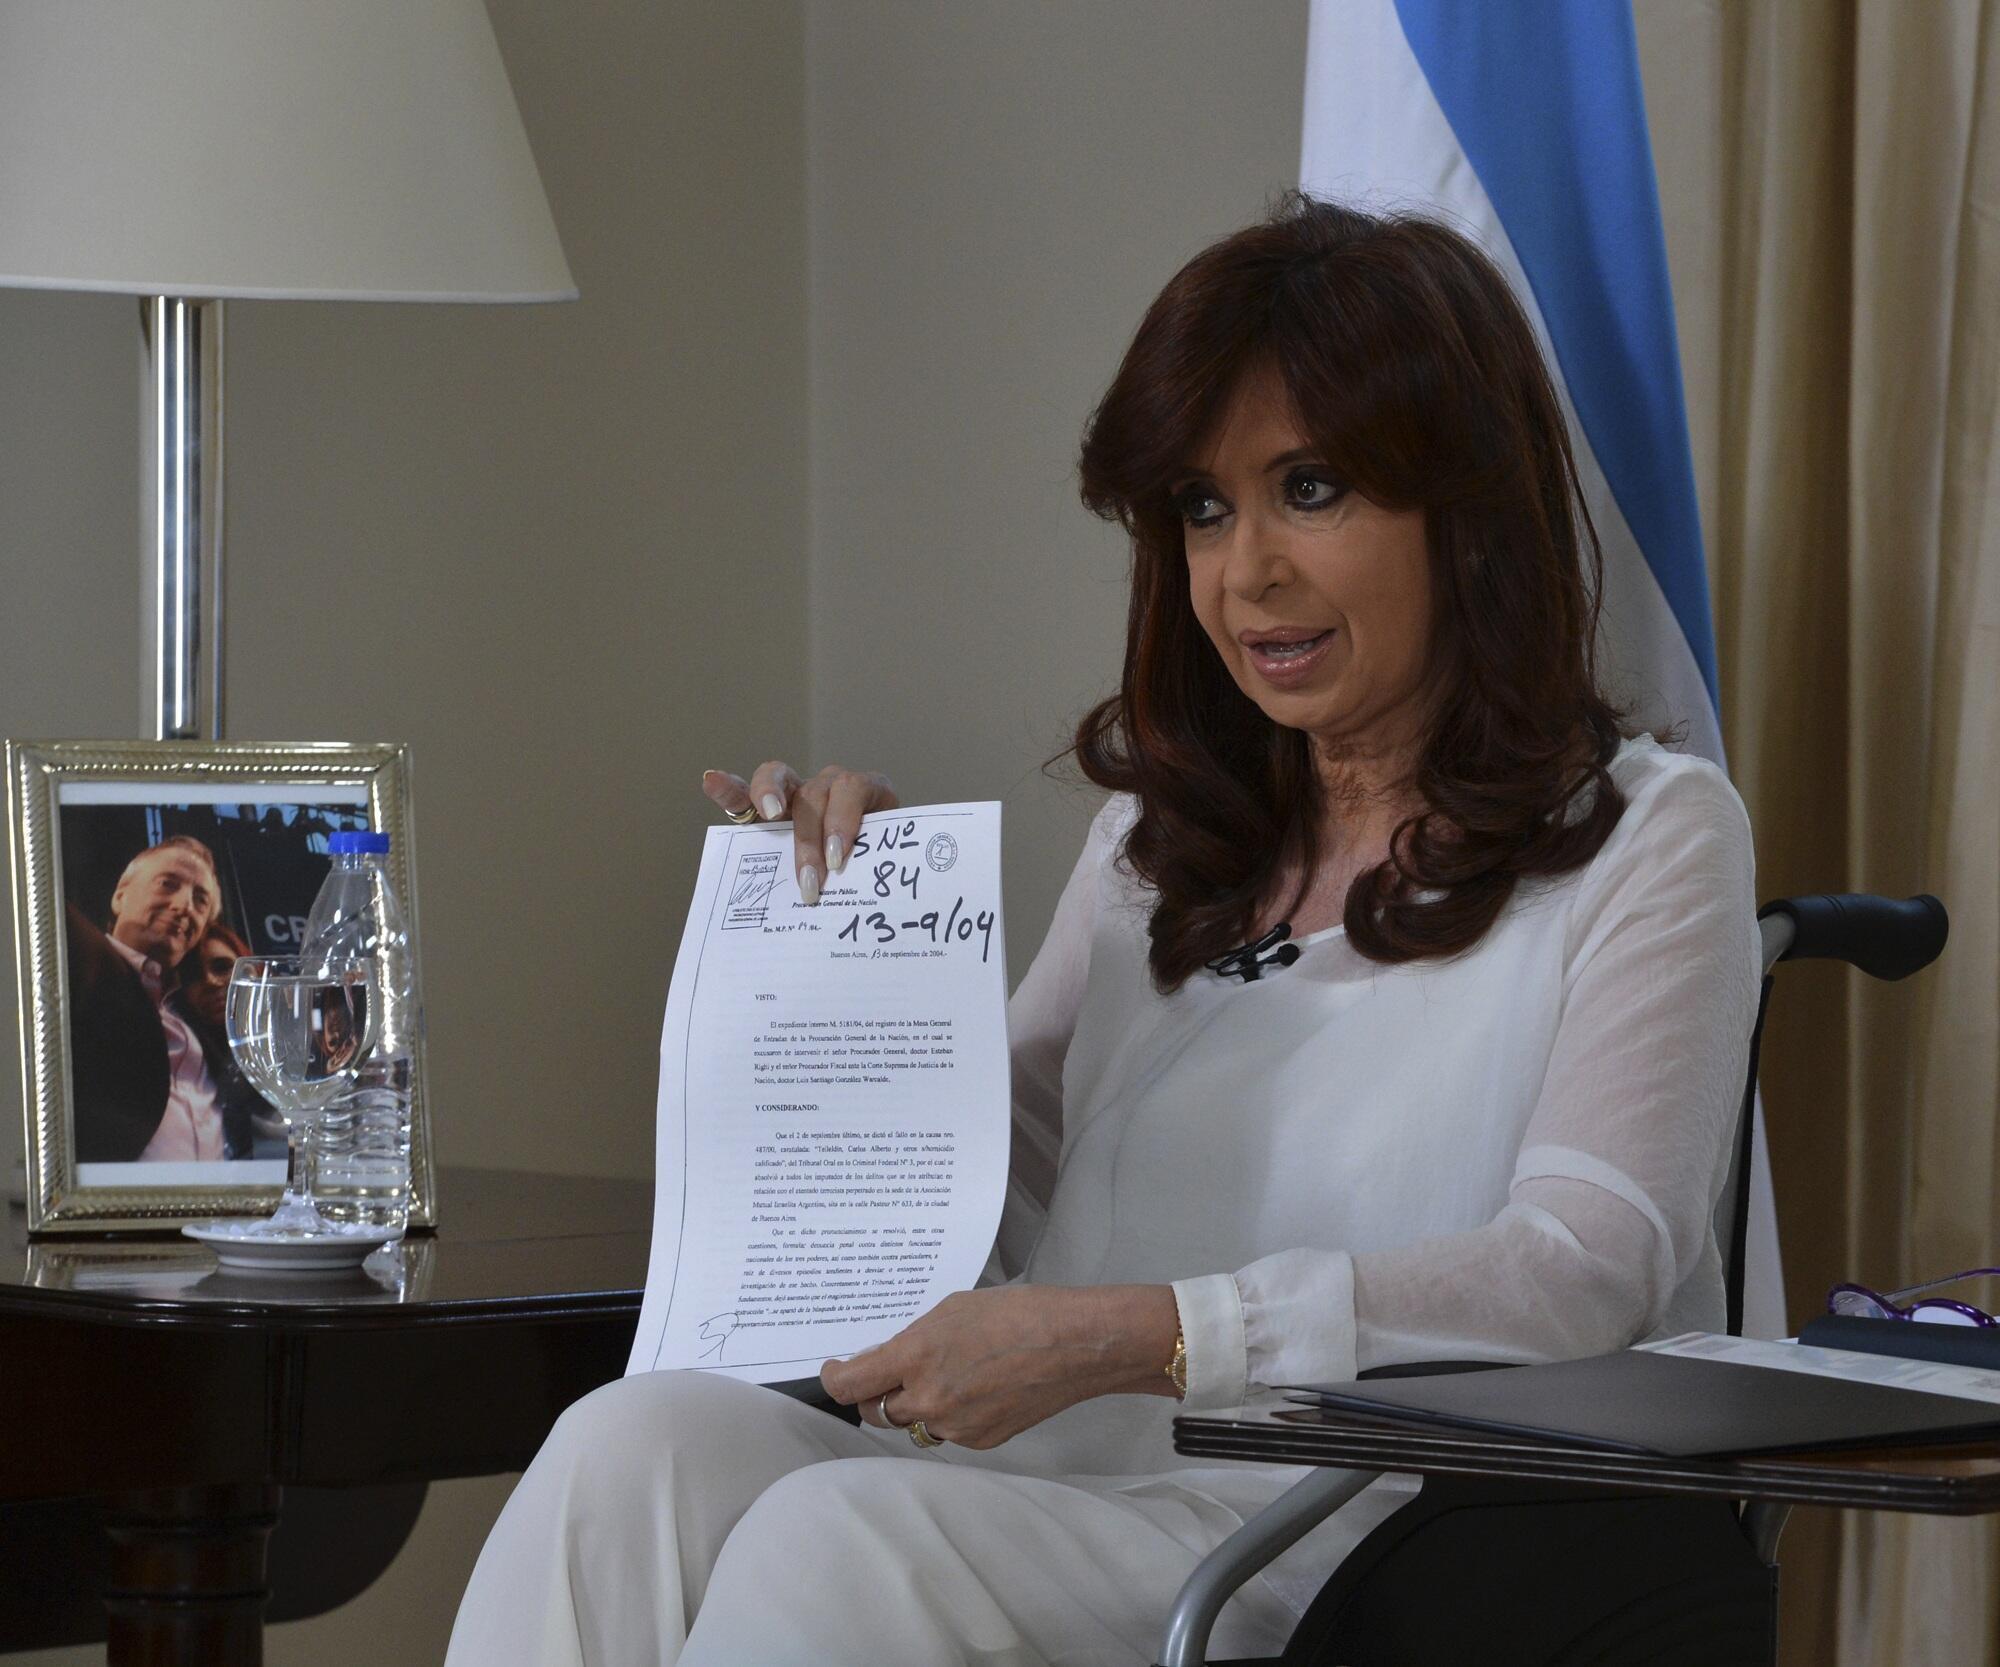 A presidente Cristina Kirchner evocou a morte de Nisman em pronunciamento na TV no dia 26 de janeiro passado.